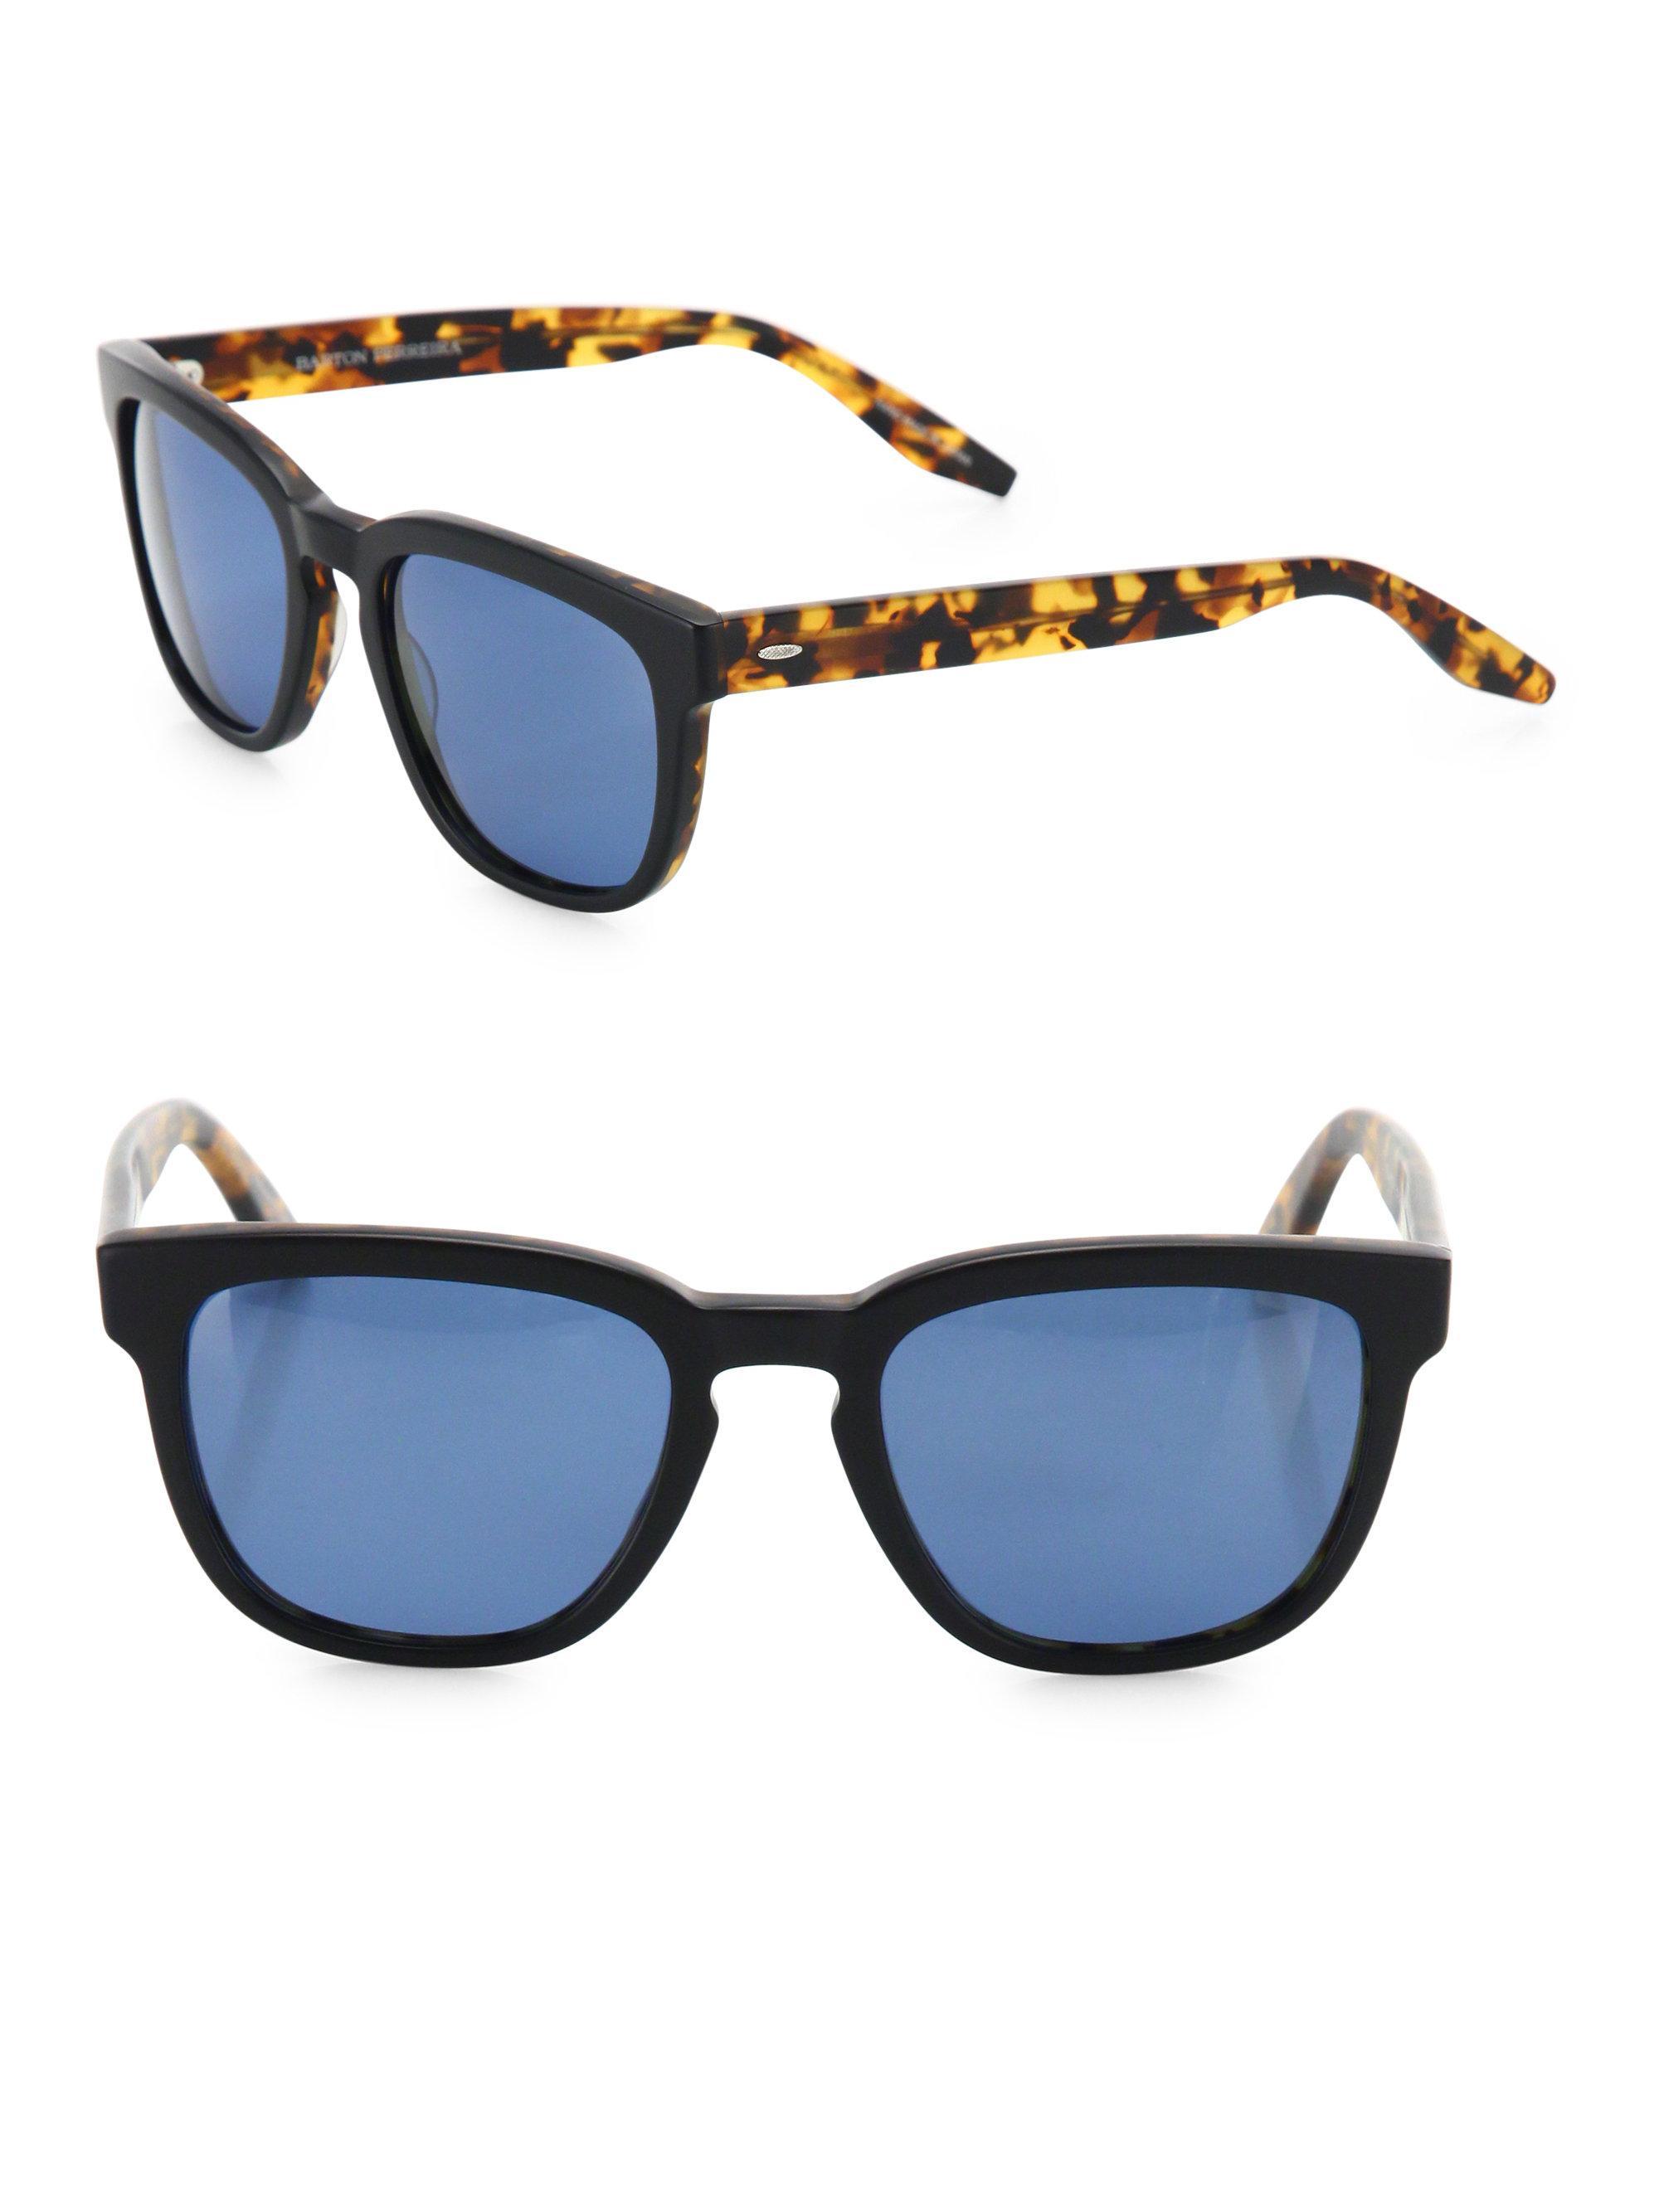 d98426c2885 Barton Perreira Coltrane 54mm Square Sunglasses for Men - Lyst